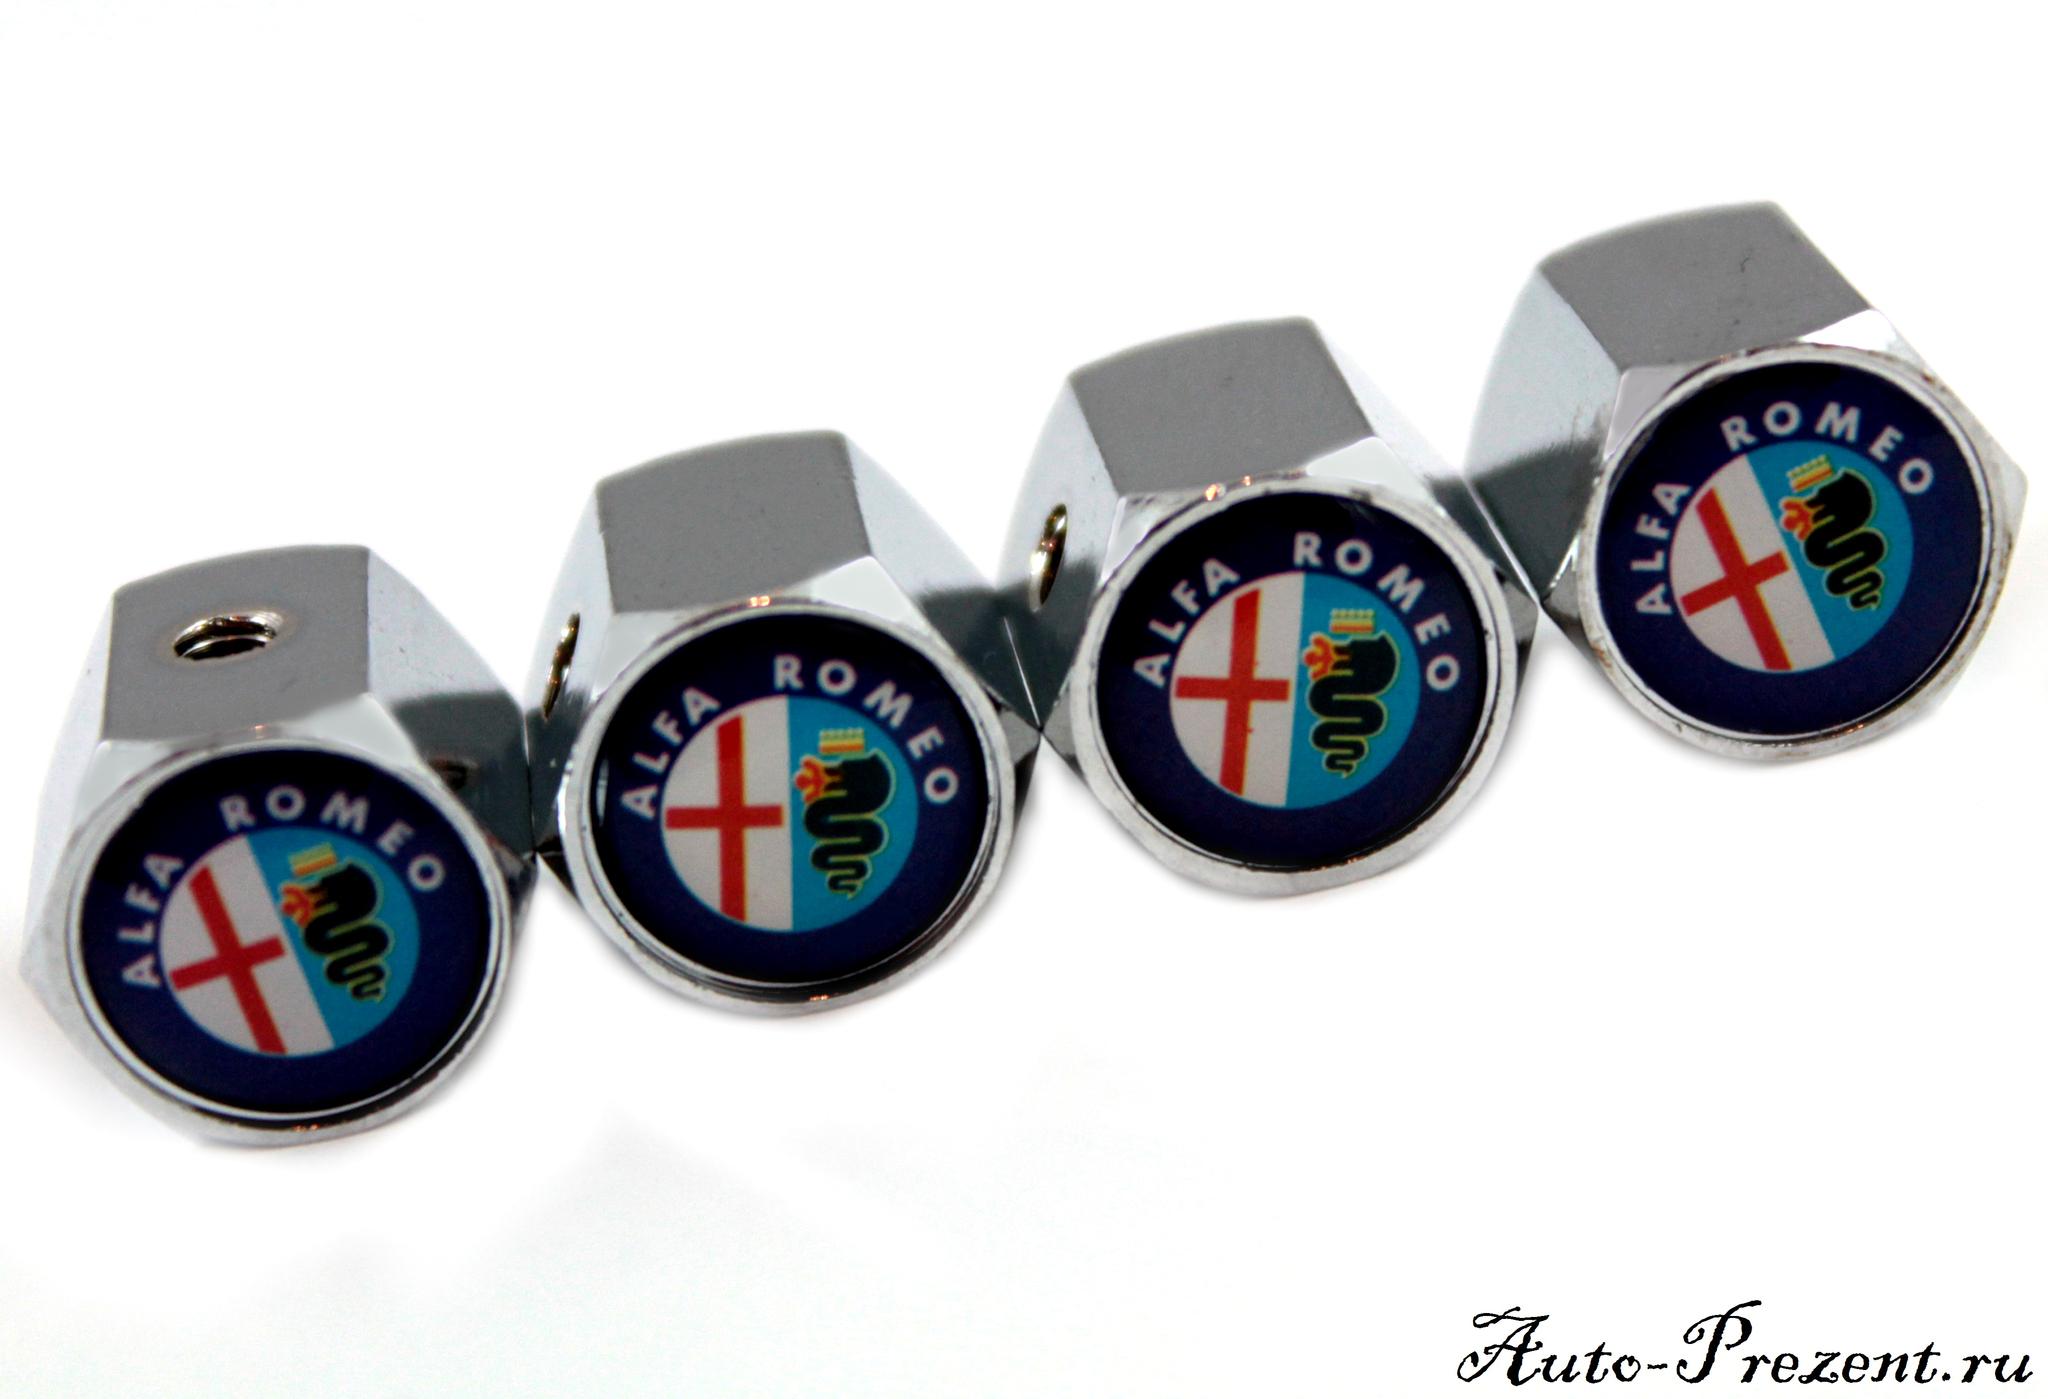 Колпачки на ниппель ALFA ROMEO с защитой от кражи